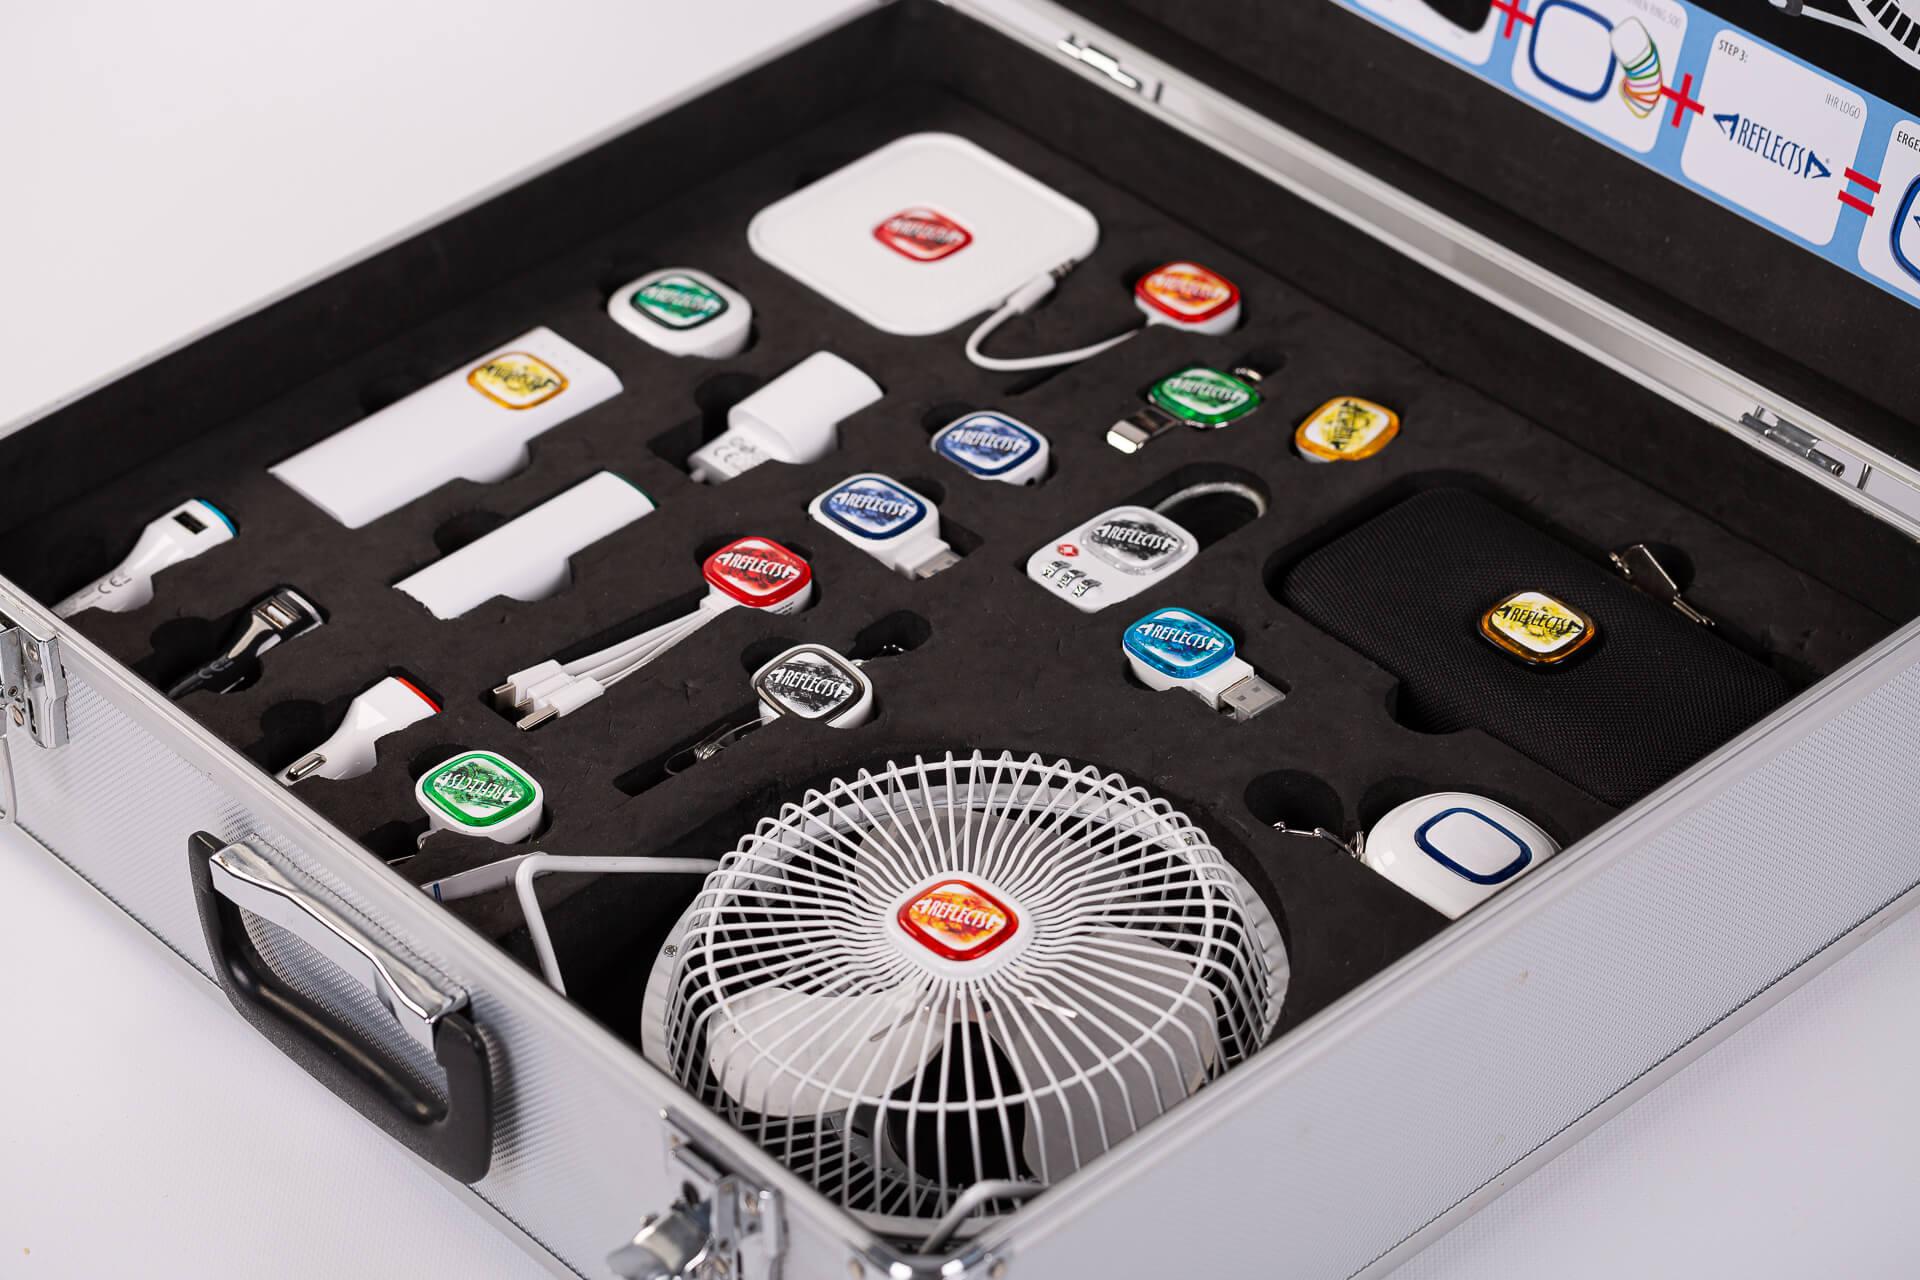 Collection 500 od Reflects – Stwórz własny zestaw spersonalizowanych gadżetów!